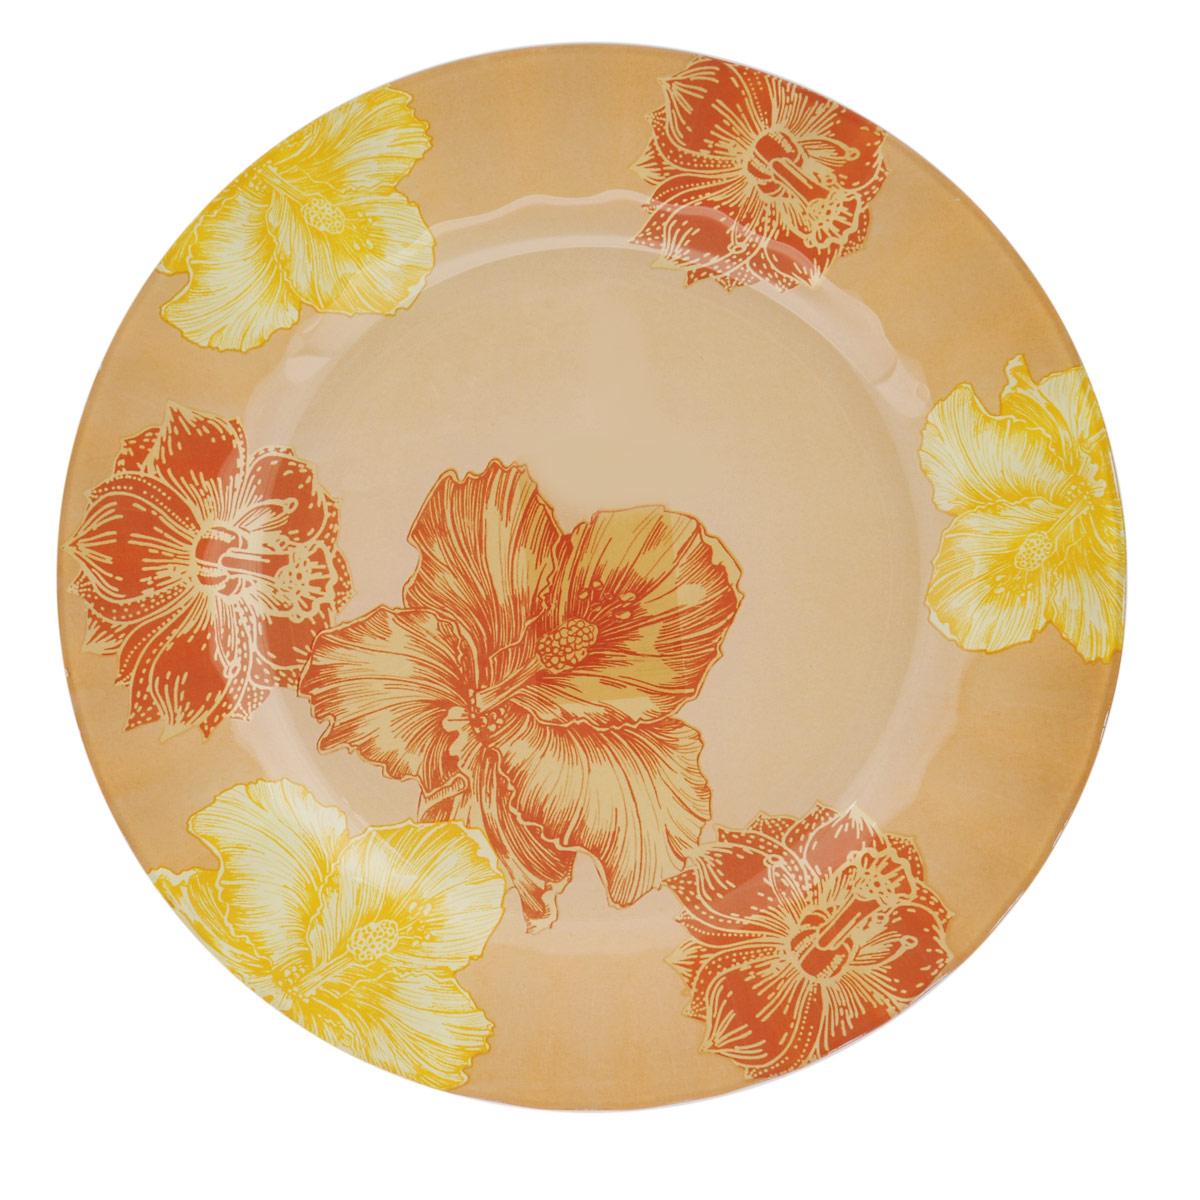 Тарелка House & Holder Цветы, диаметр 25 см. S3010EG00854 009312Круглая тарелка House & Holder Цветы, изготовленная из стекла, декорирована ярким изображением. Такая тарелка украсит сервировку вашего стола и подчеркнет прекрасный вкус хозяина, а также станет отличным подарком. Диаметр: 25 см. Высота: 1,9 см.